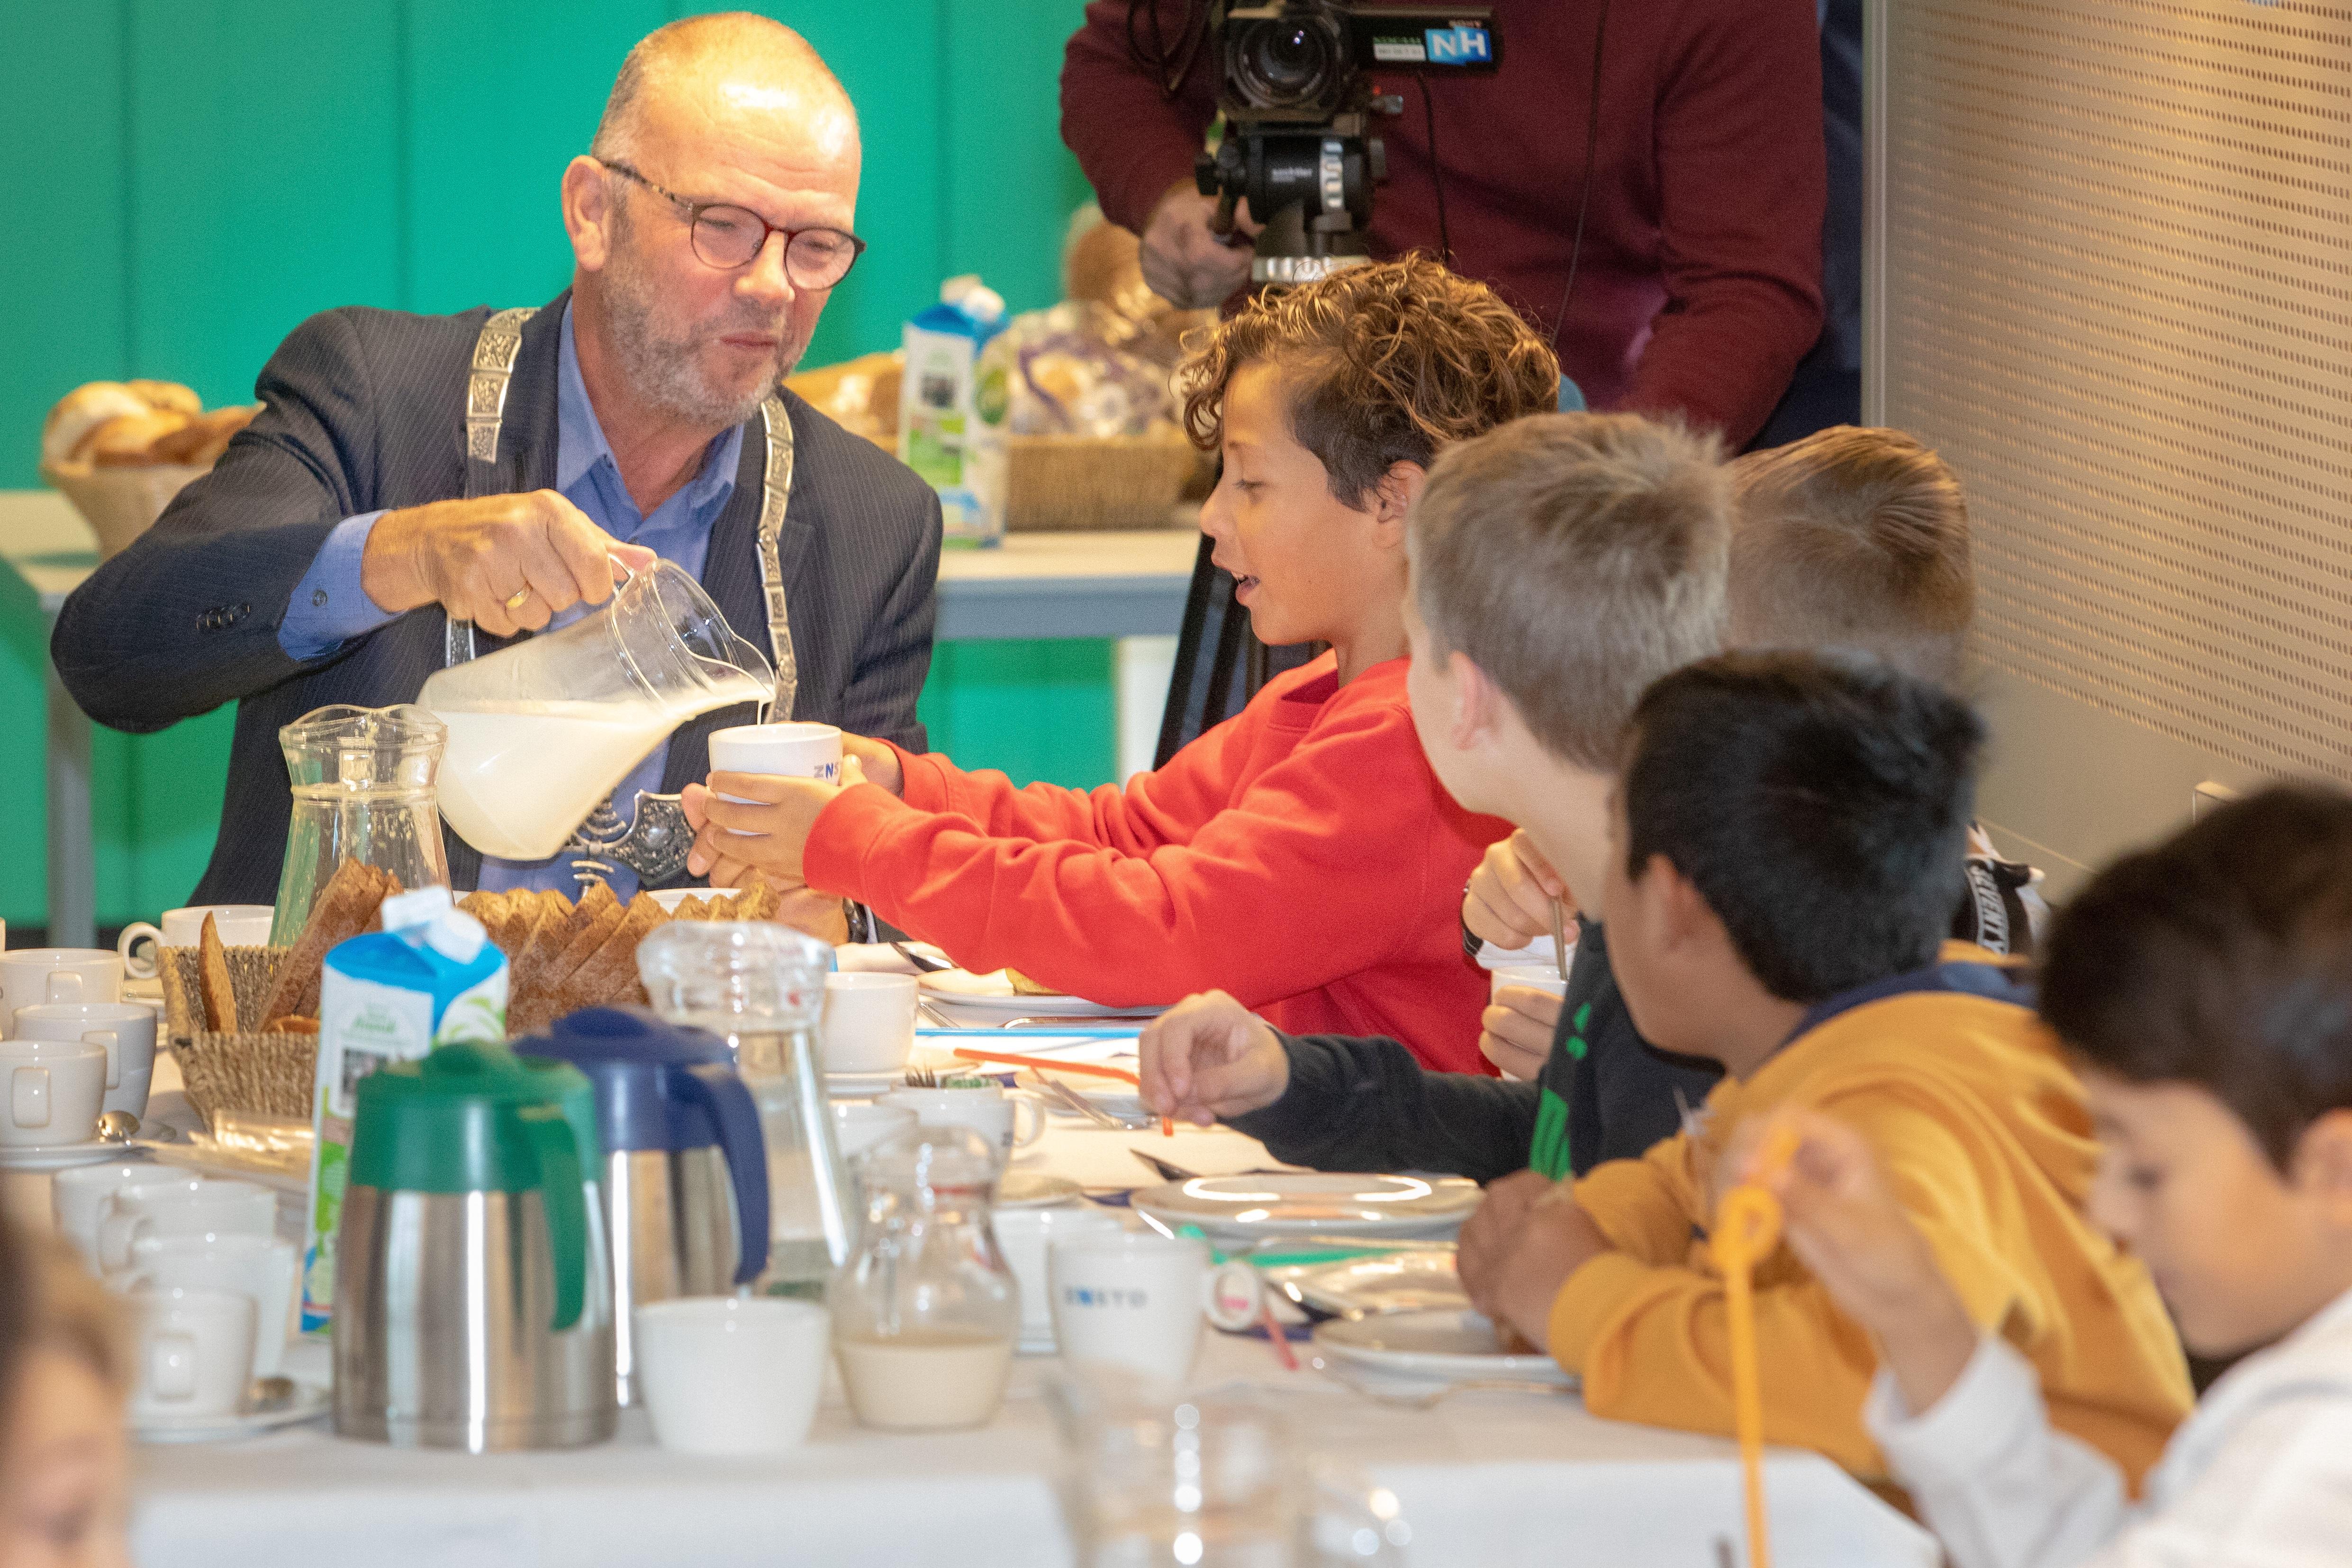 Loco burgemeester en Wethouder Hans Krieger schenkt ontbijtdrank in. (Foto: Vincent de Vries/RM)